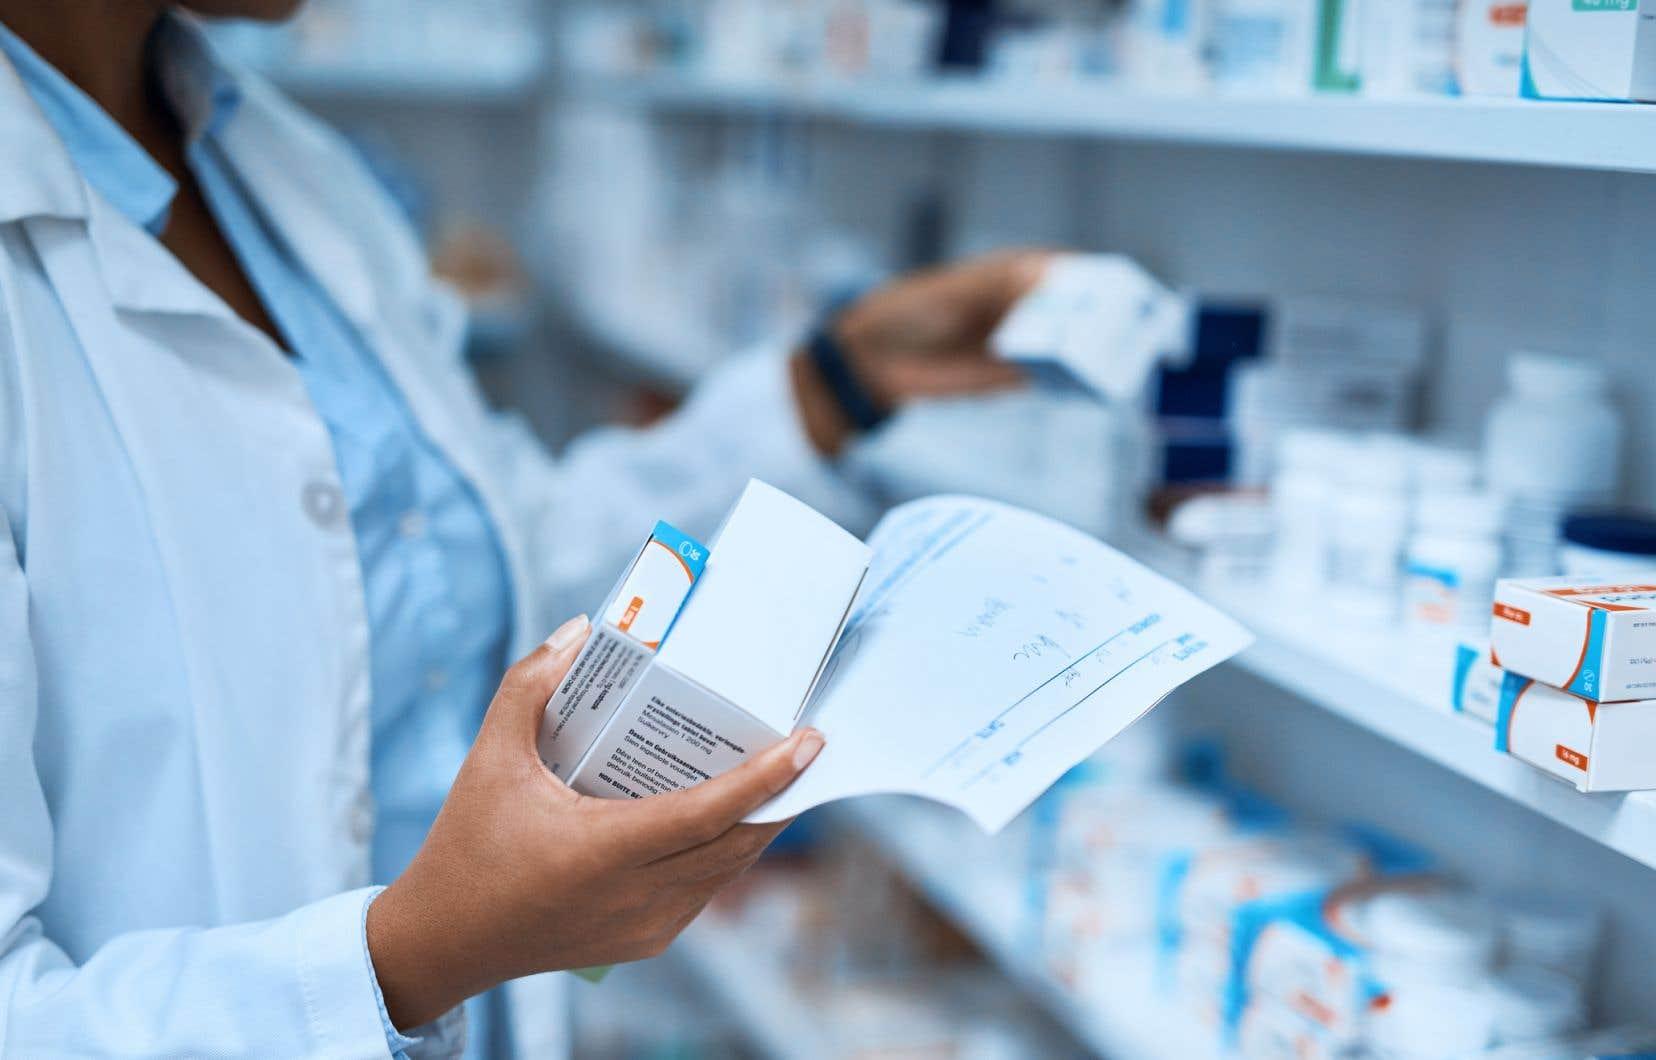 Les industries pharmaceutiques semblent être avant tout motivées par des visées financières, se désole l'auteure.